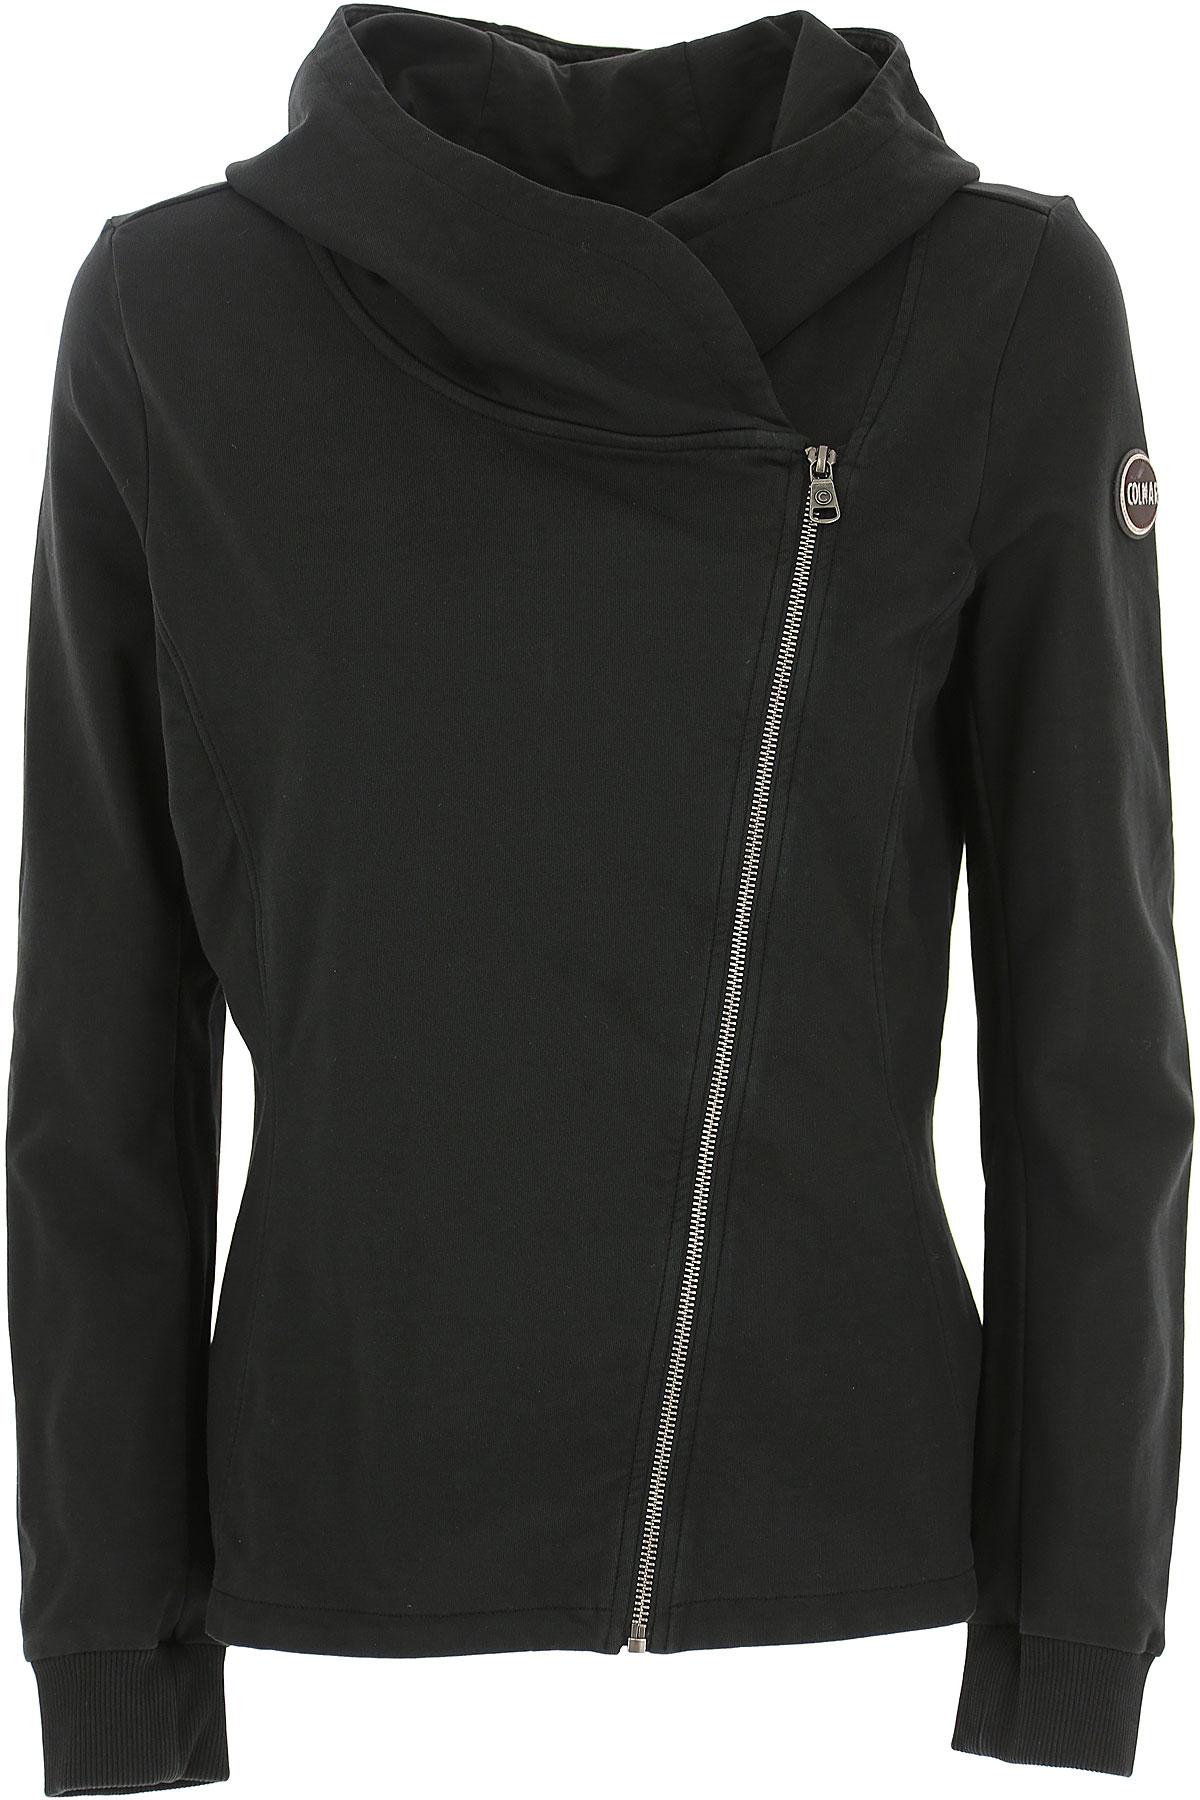 Colmar Sweatshirt Voor Dames In Aanbieding, Zwart, Katoen, 2019, 38 40 M